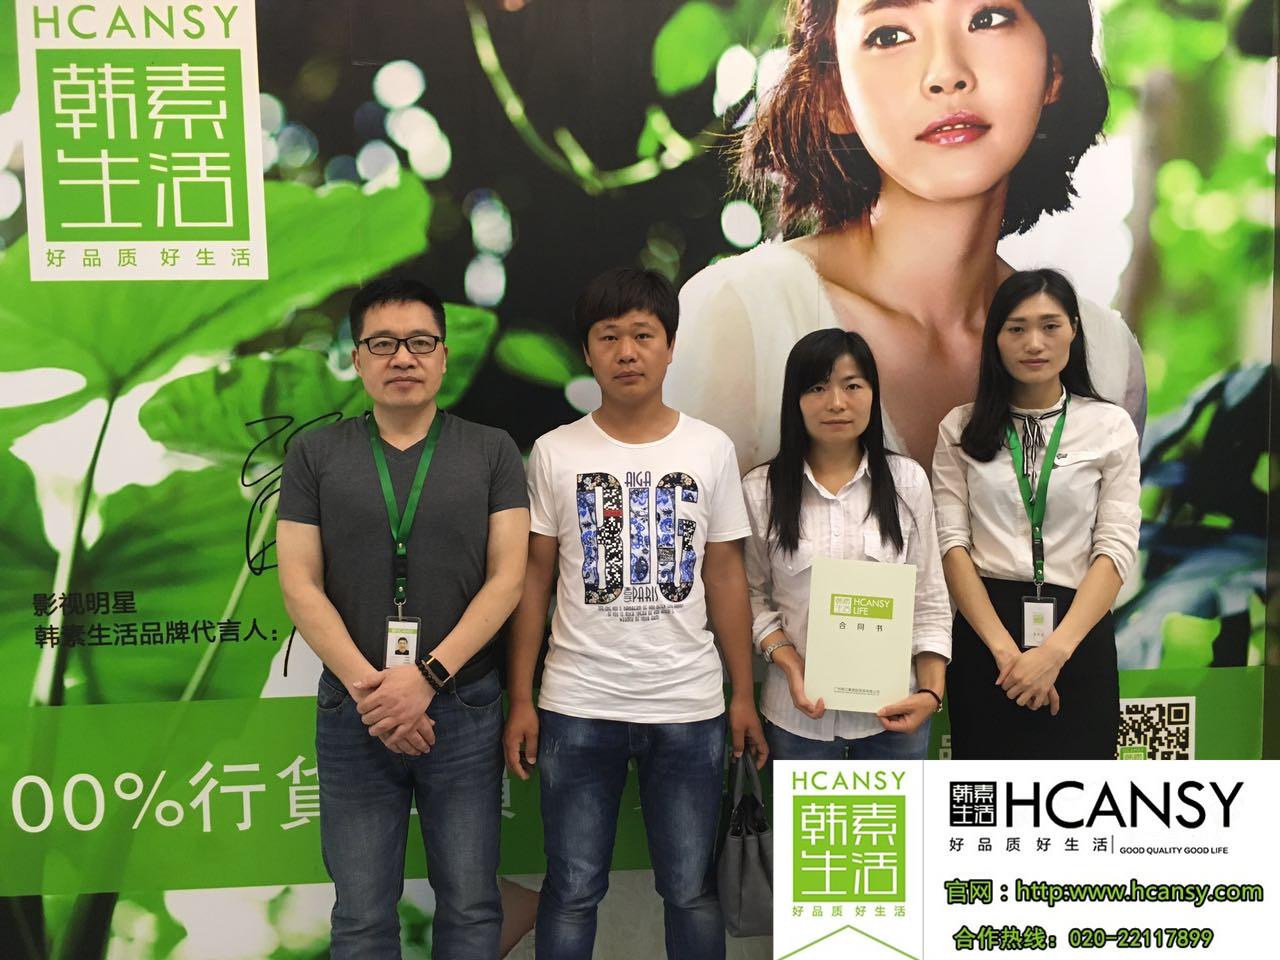 广州韩之素国际贸易有限公司检举汽摩配件市场招商诈骗